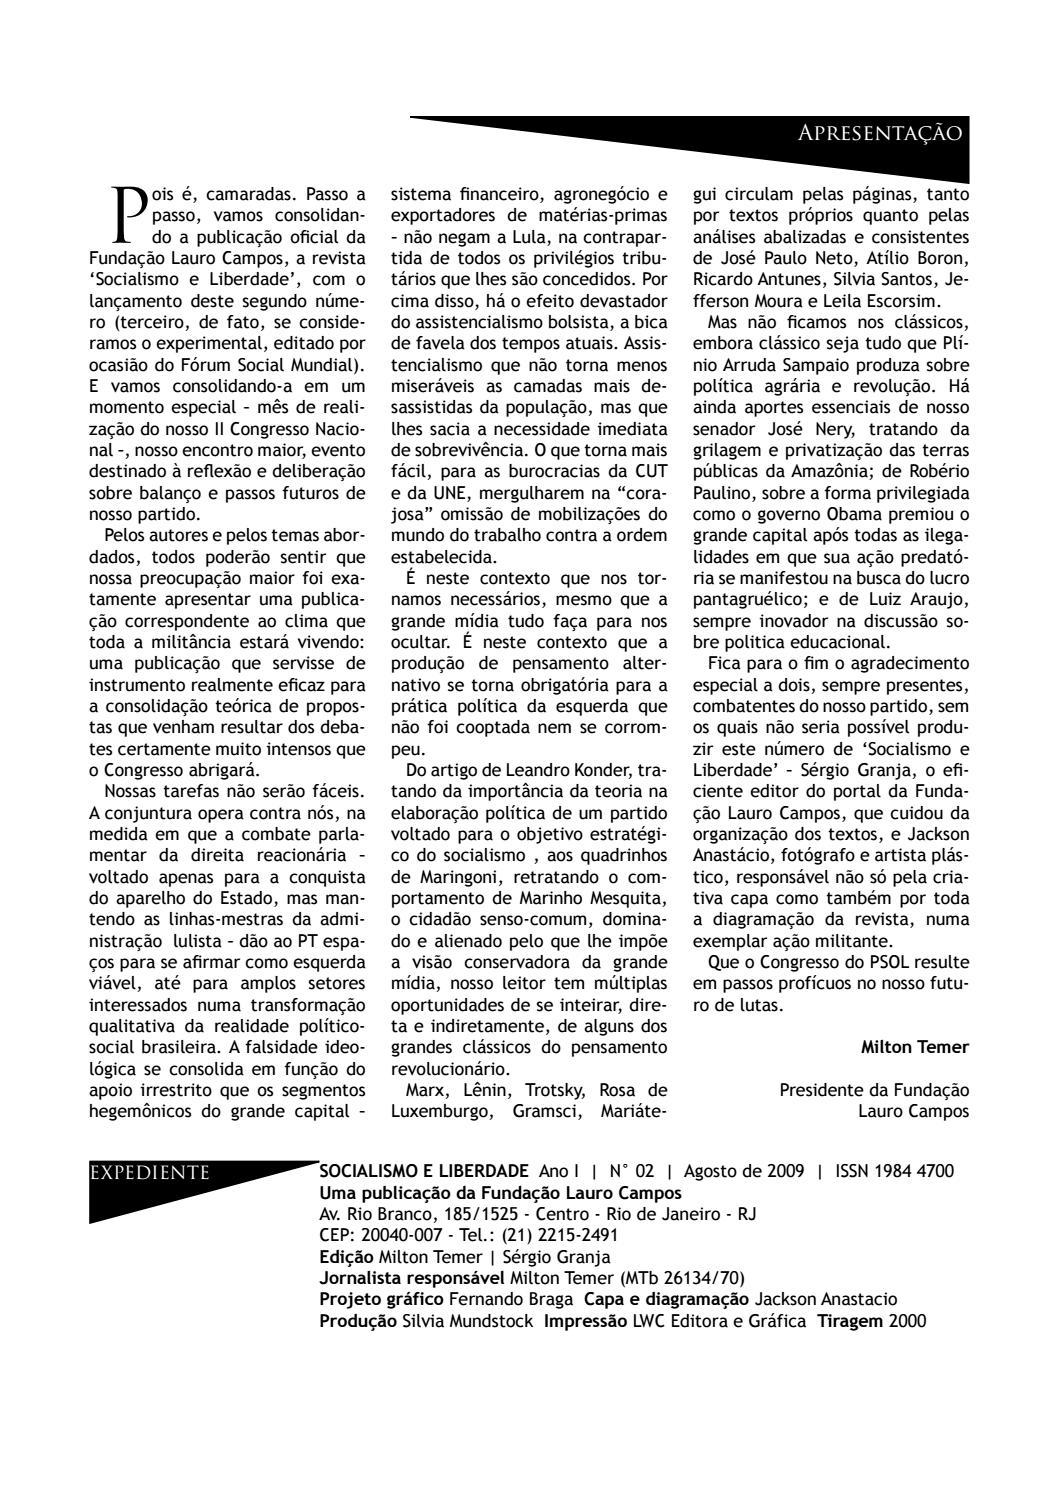 0e41464dee8 Revista SOCIALISMO E LIBERDADE N° 02